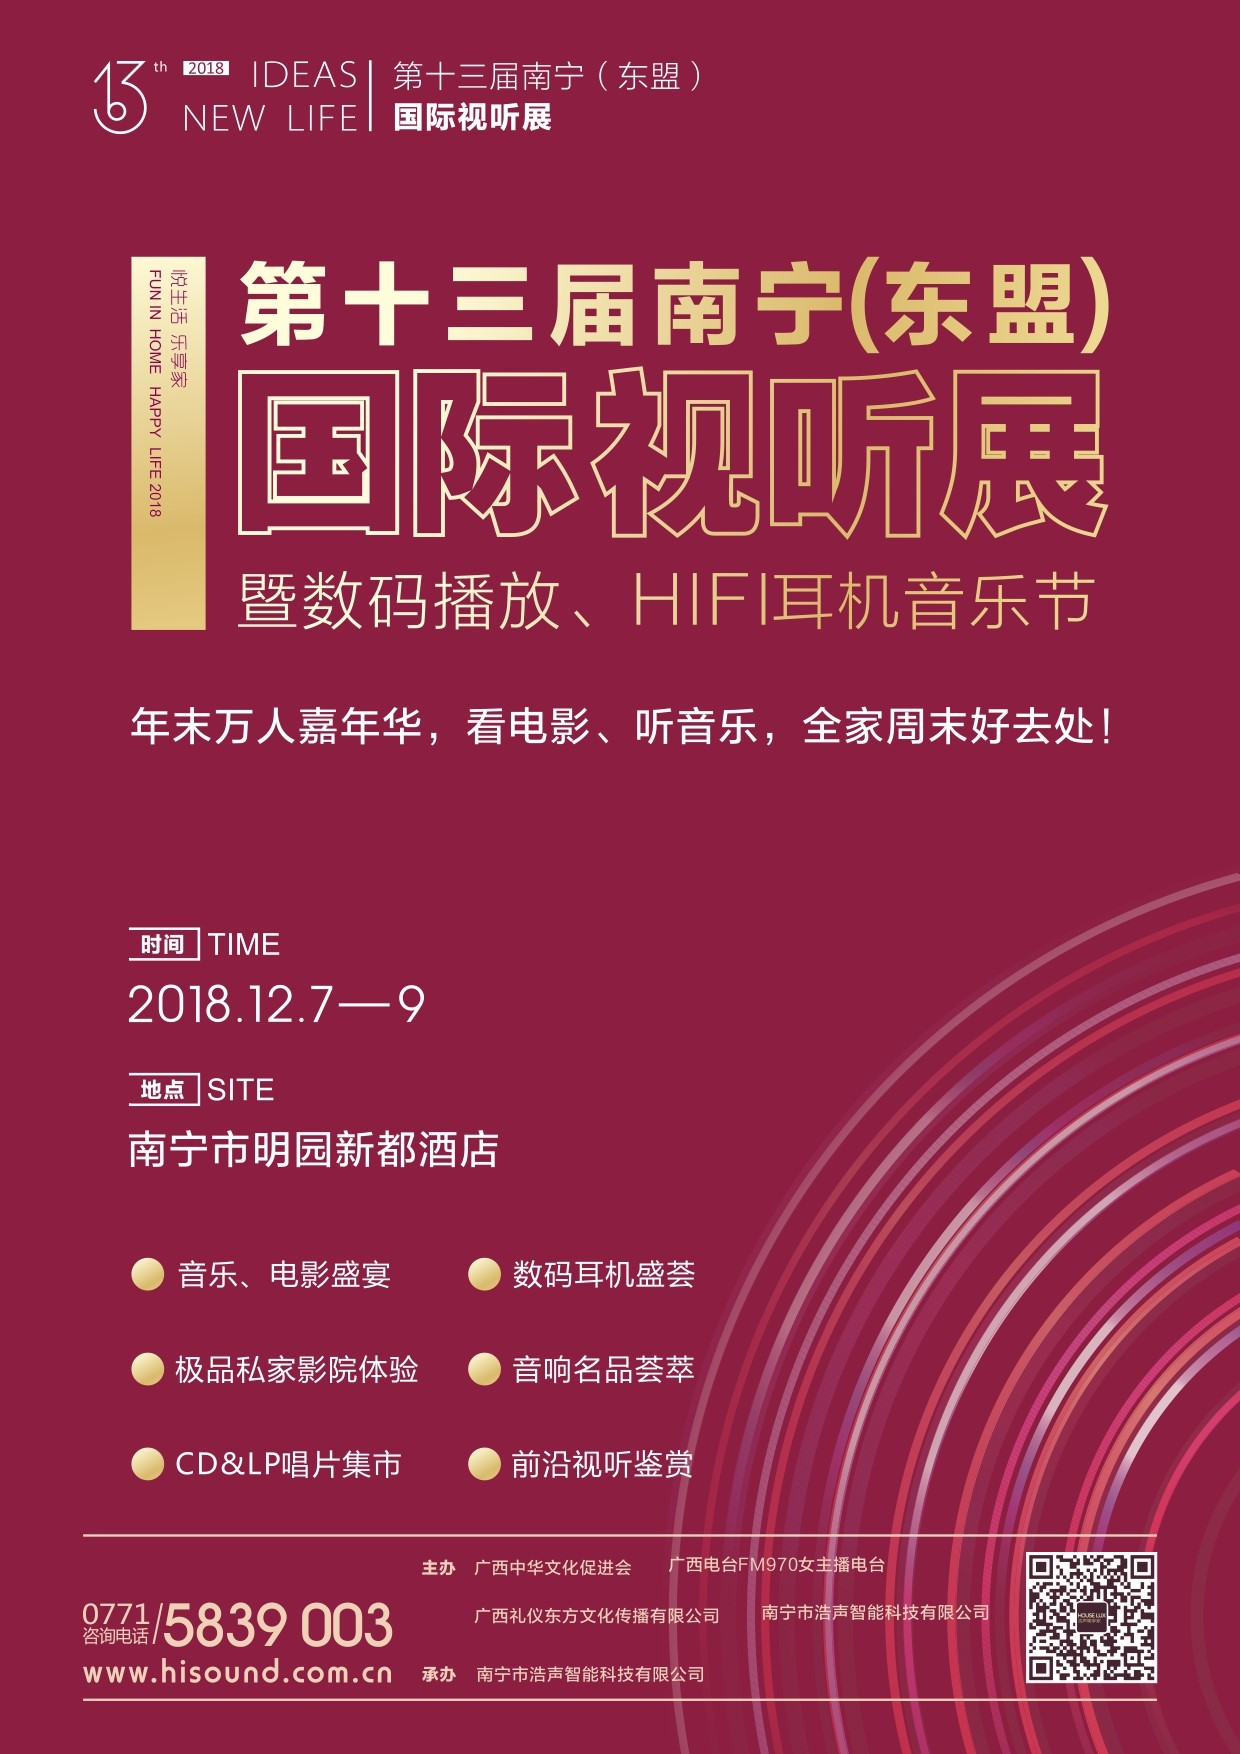 展会   HIFI歌手秀不停 美女主播齐助阵:2018第十三届南宁(东盟)国际视听展-影音新生活